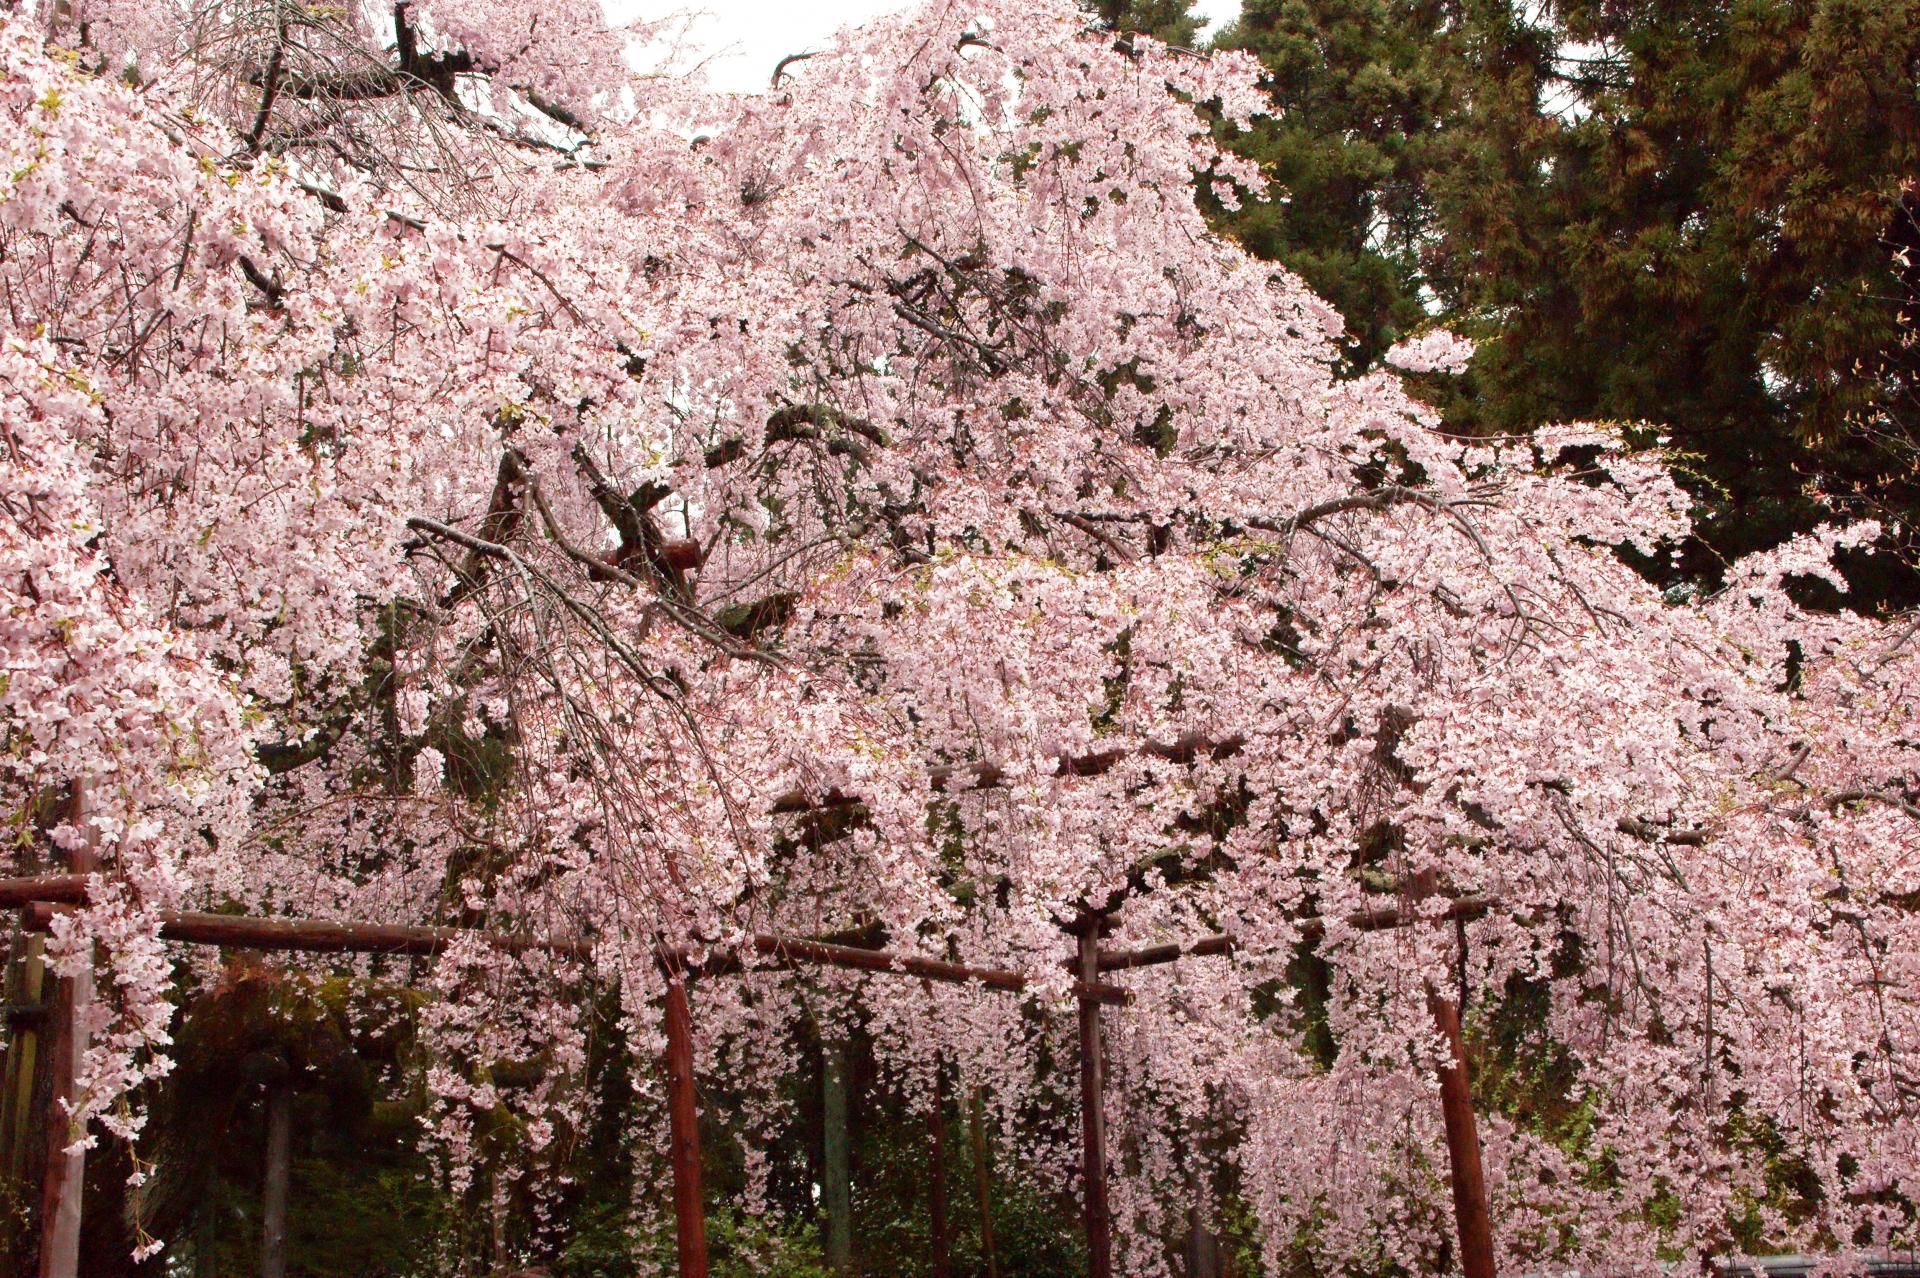 1550355_m 京都府 醍醐寺(花の醍醐と呼ばれる桜の景色が美しい春におすすめ写真スポット! 撮影した写真の紹介、アクセス情報など)